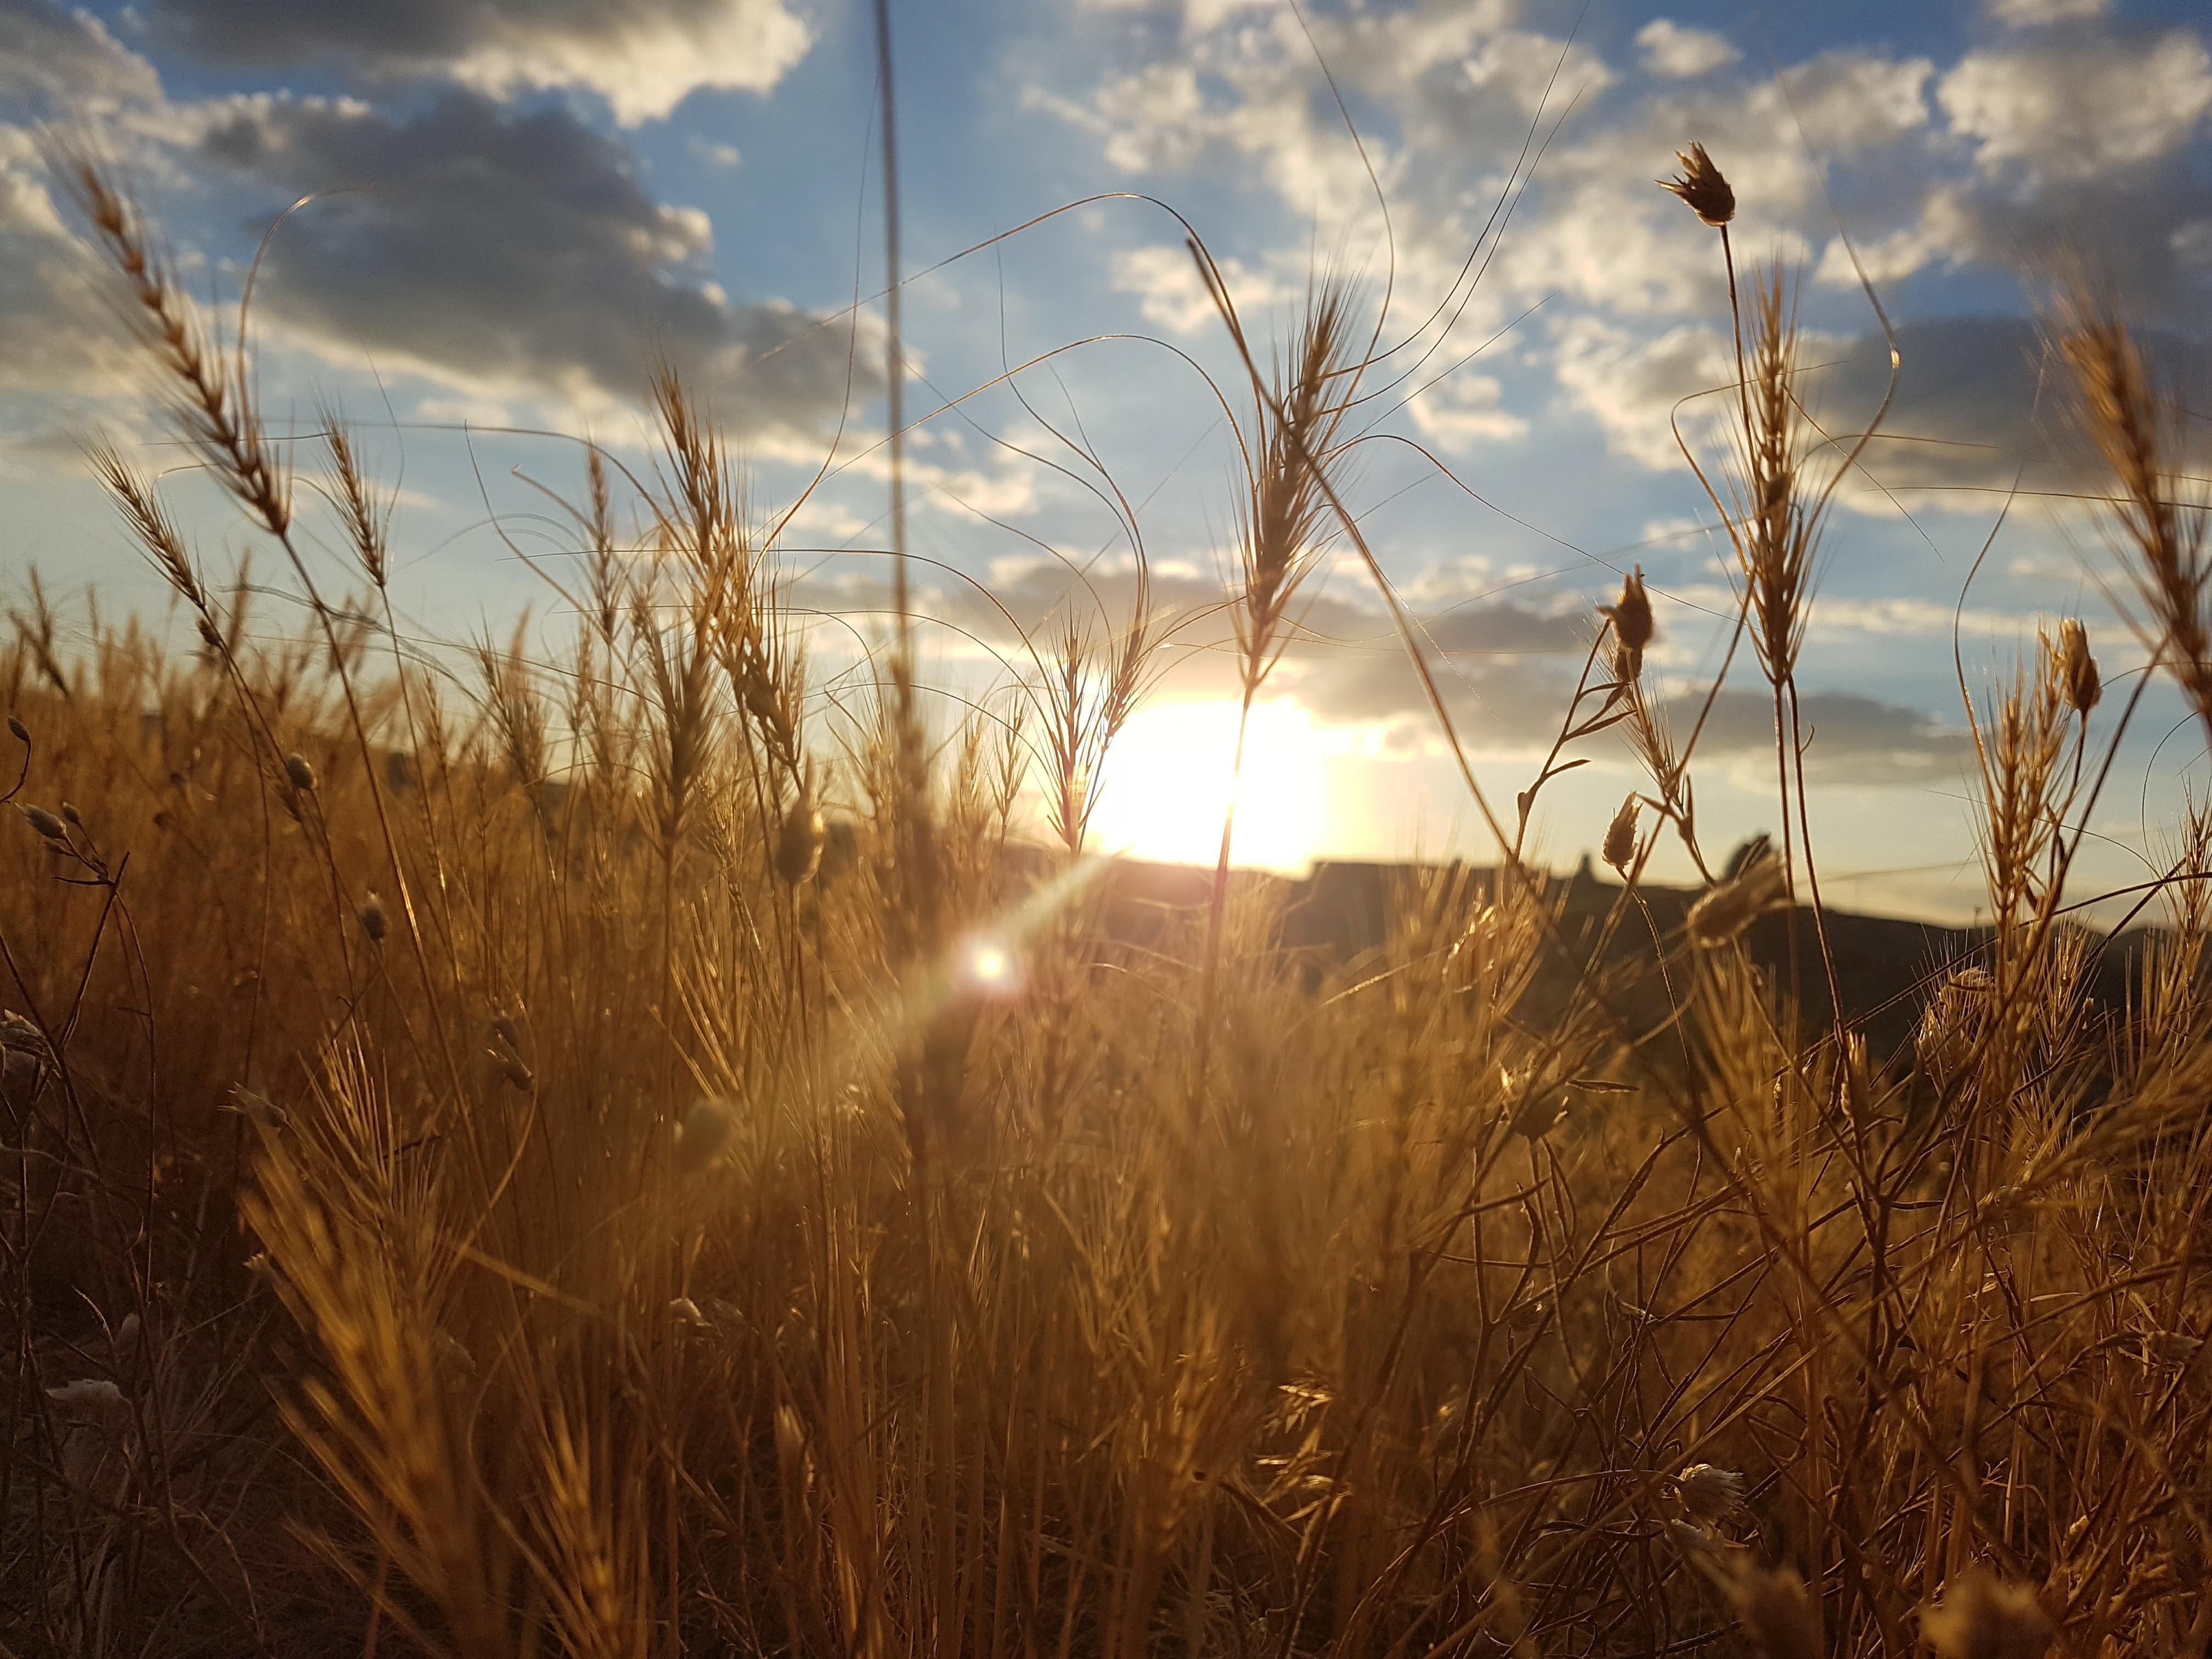 картинка рассвет и пшеница это только цвет